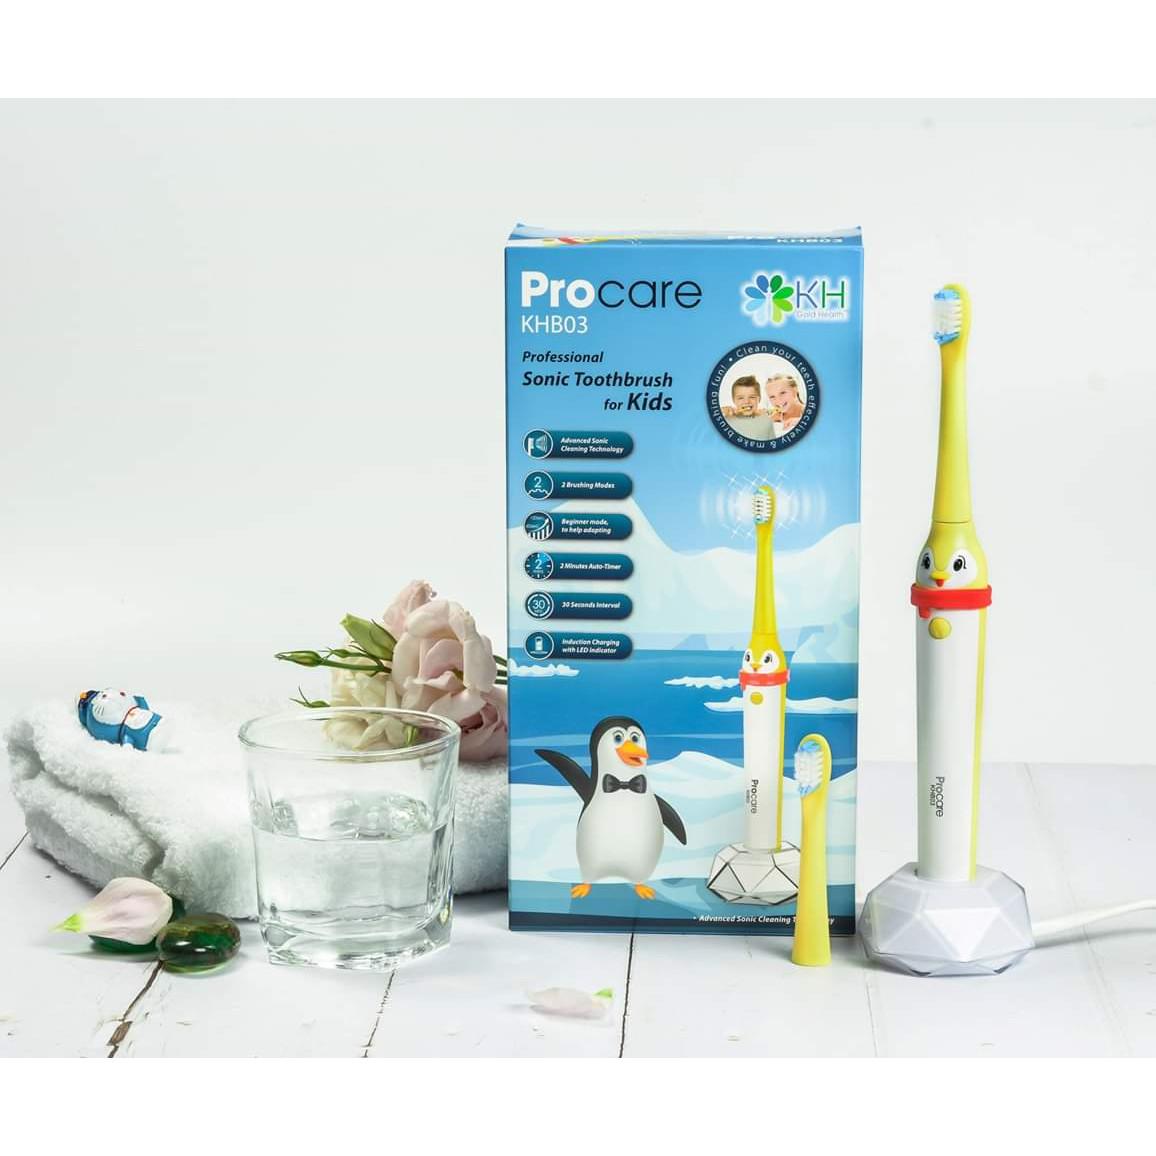 Bàn Chải Điện Trẻ Em Thế Hệ Mới Procare KHB03- Chăm Sóc Răng Miệng Hiệu Quả Cho Bé